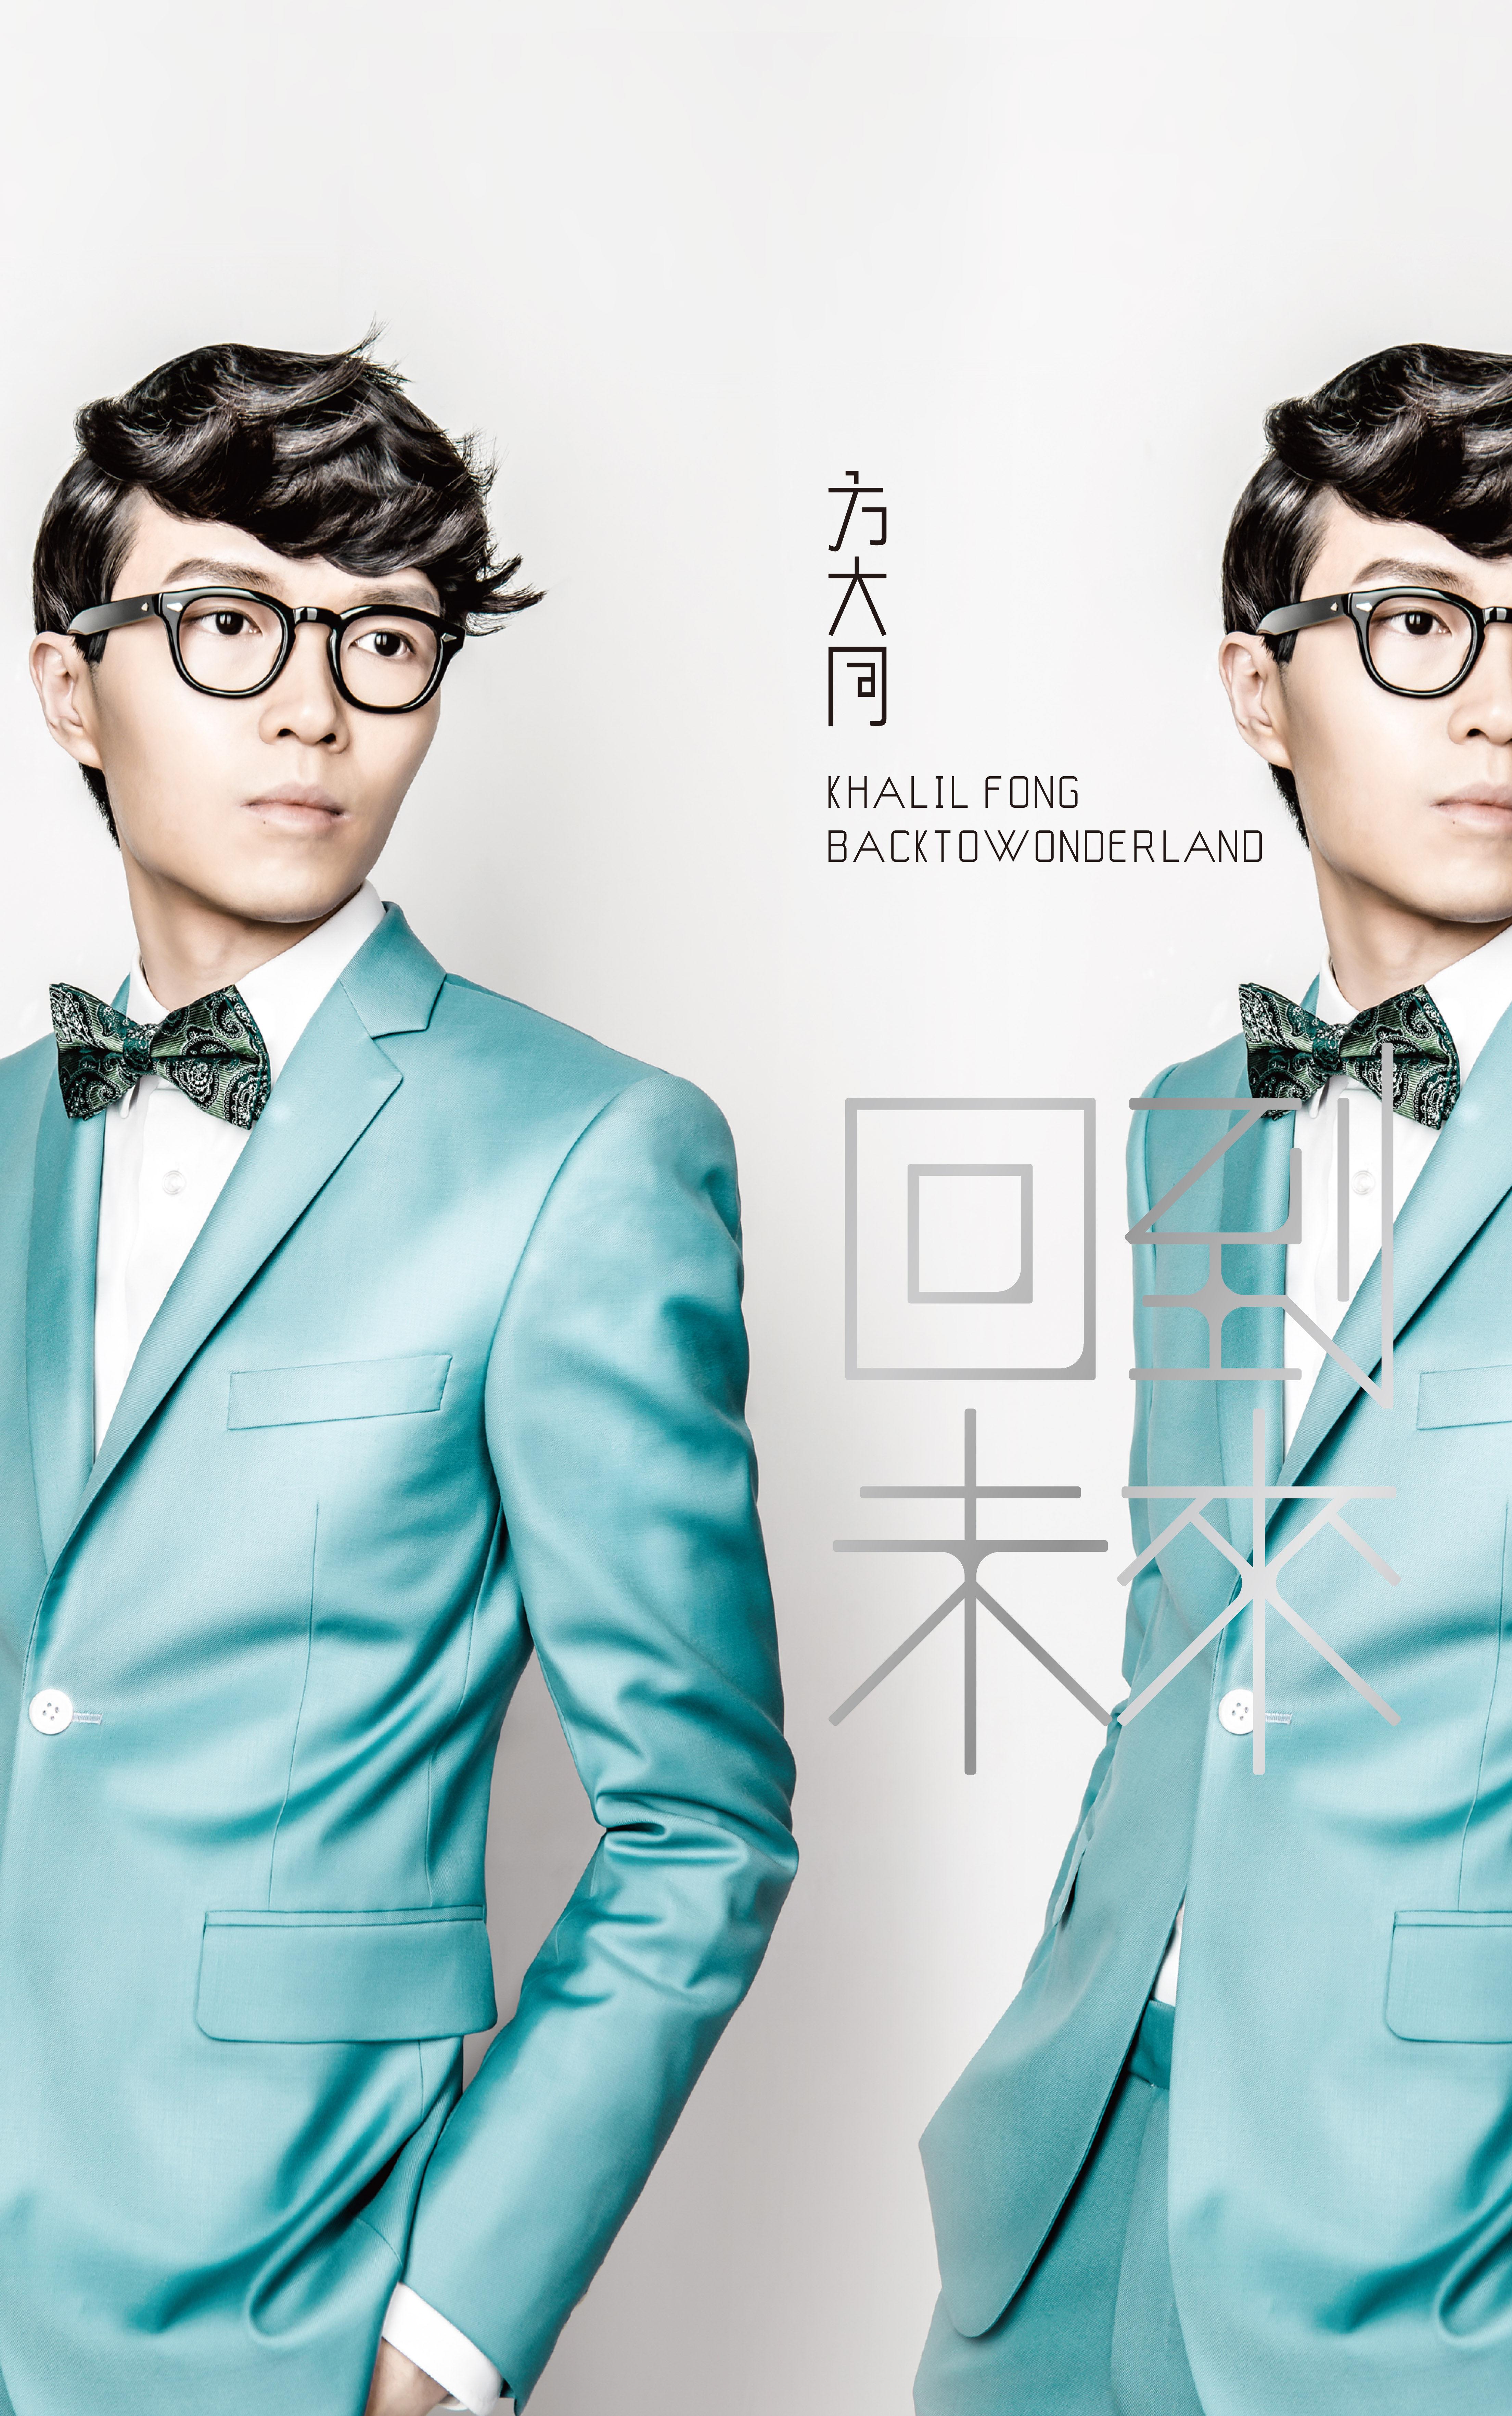 方大同KHALIL FONG 6th Album 回到未來Back To Wonderland